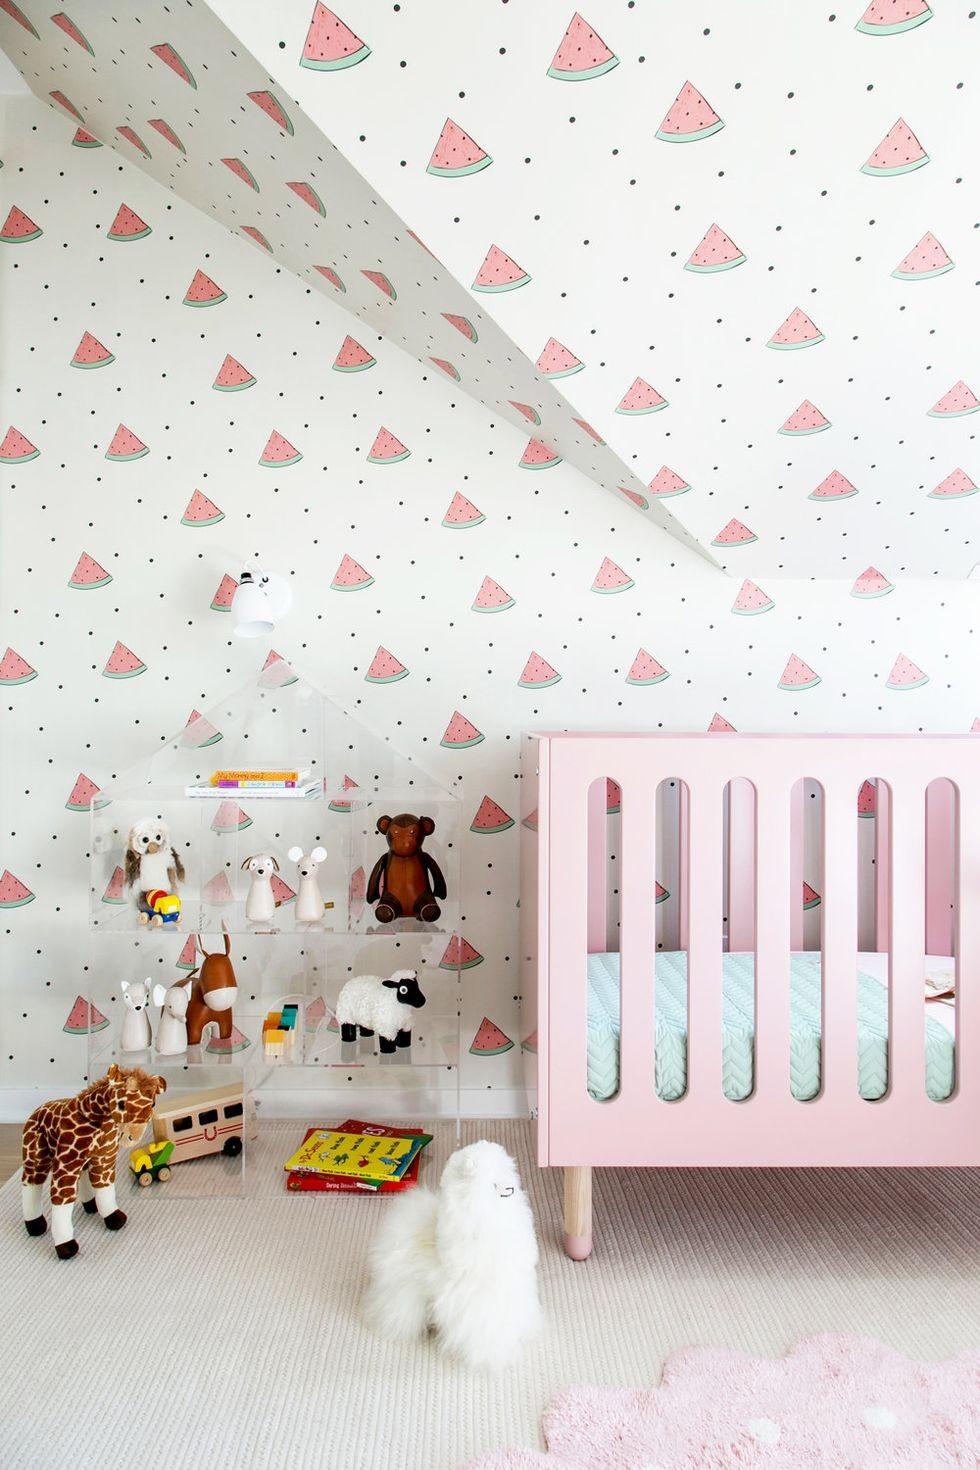 أفكار لغرفة نوم الرضع - تصميم مرح لغرف الرضع